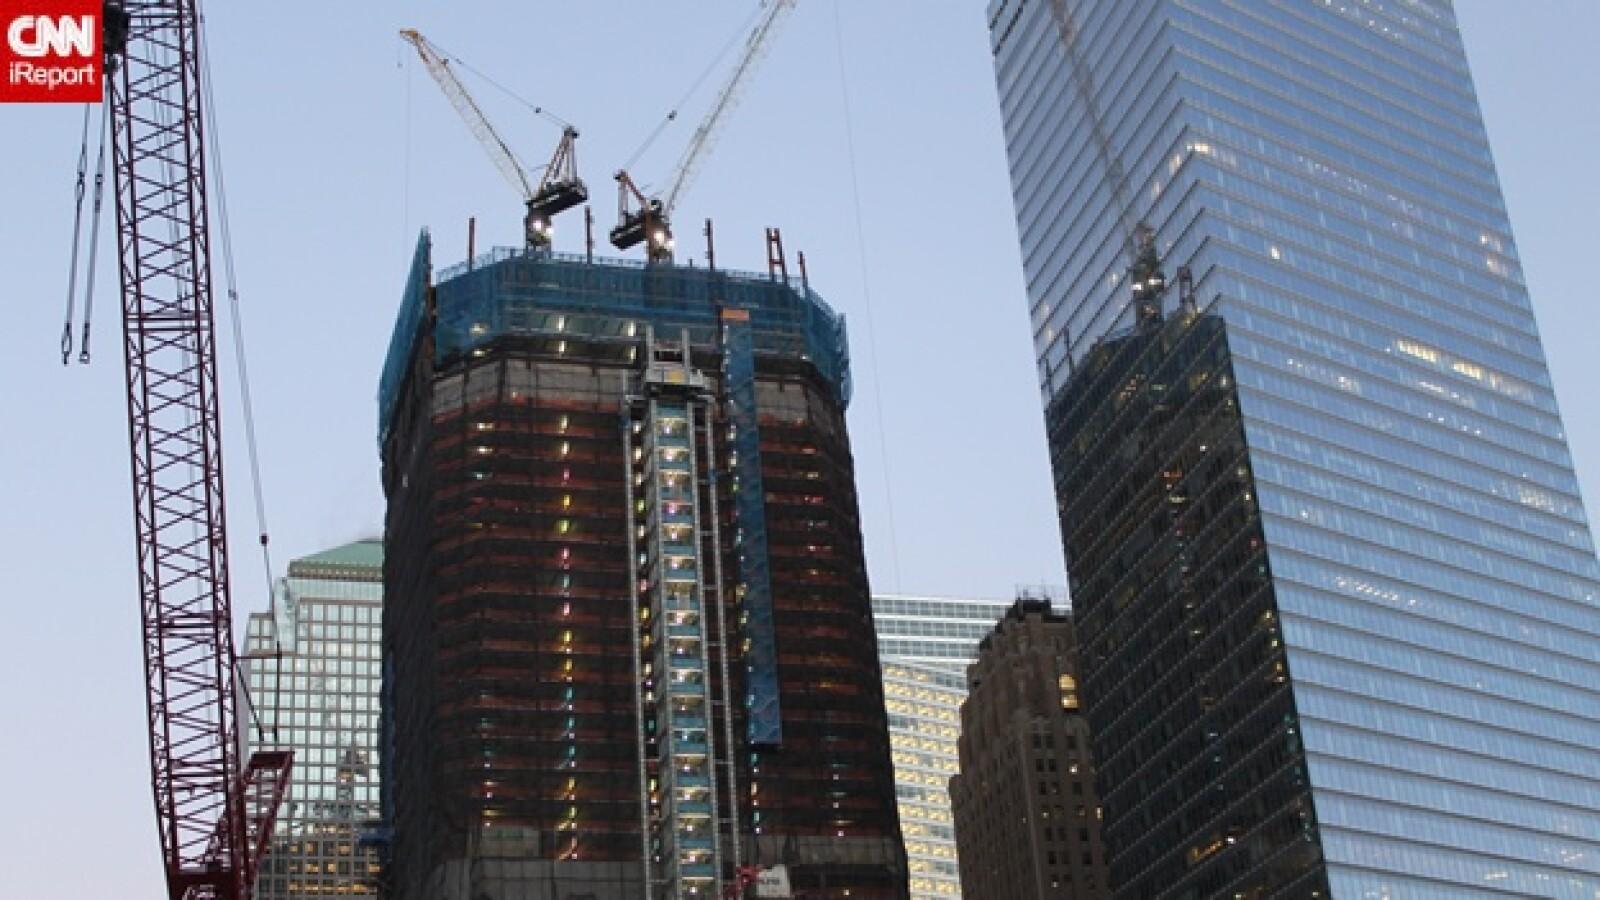 WTC-NY-iRpt4